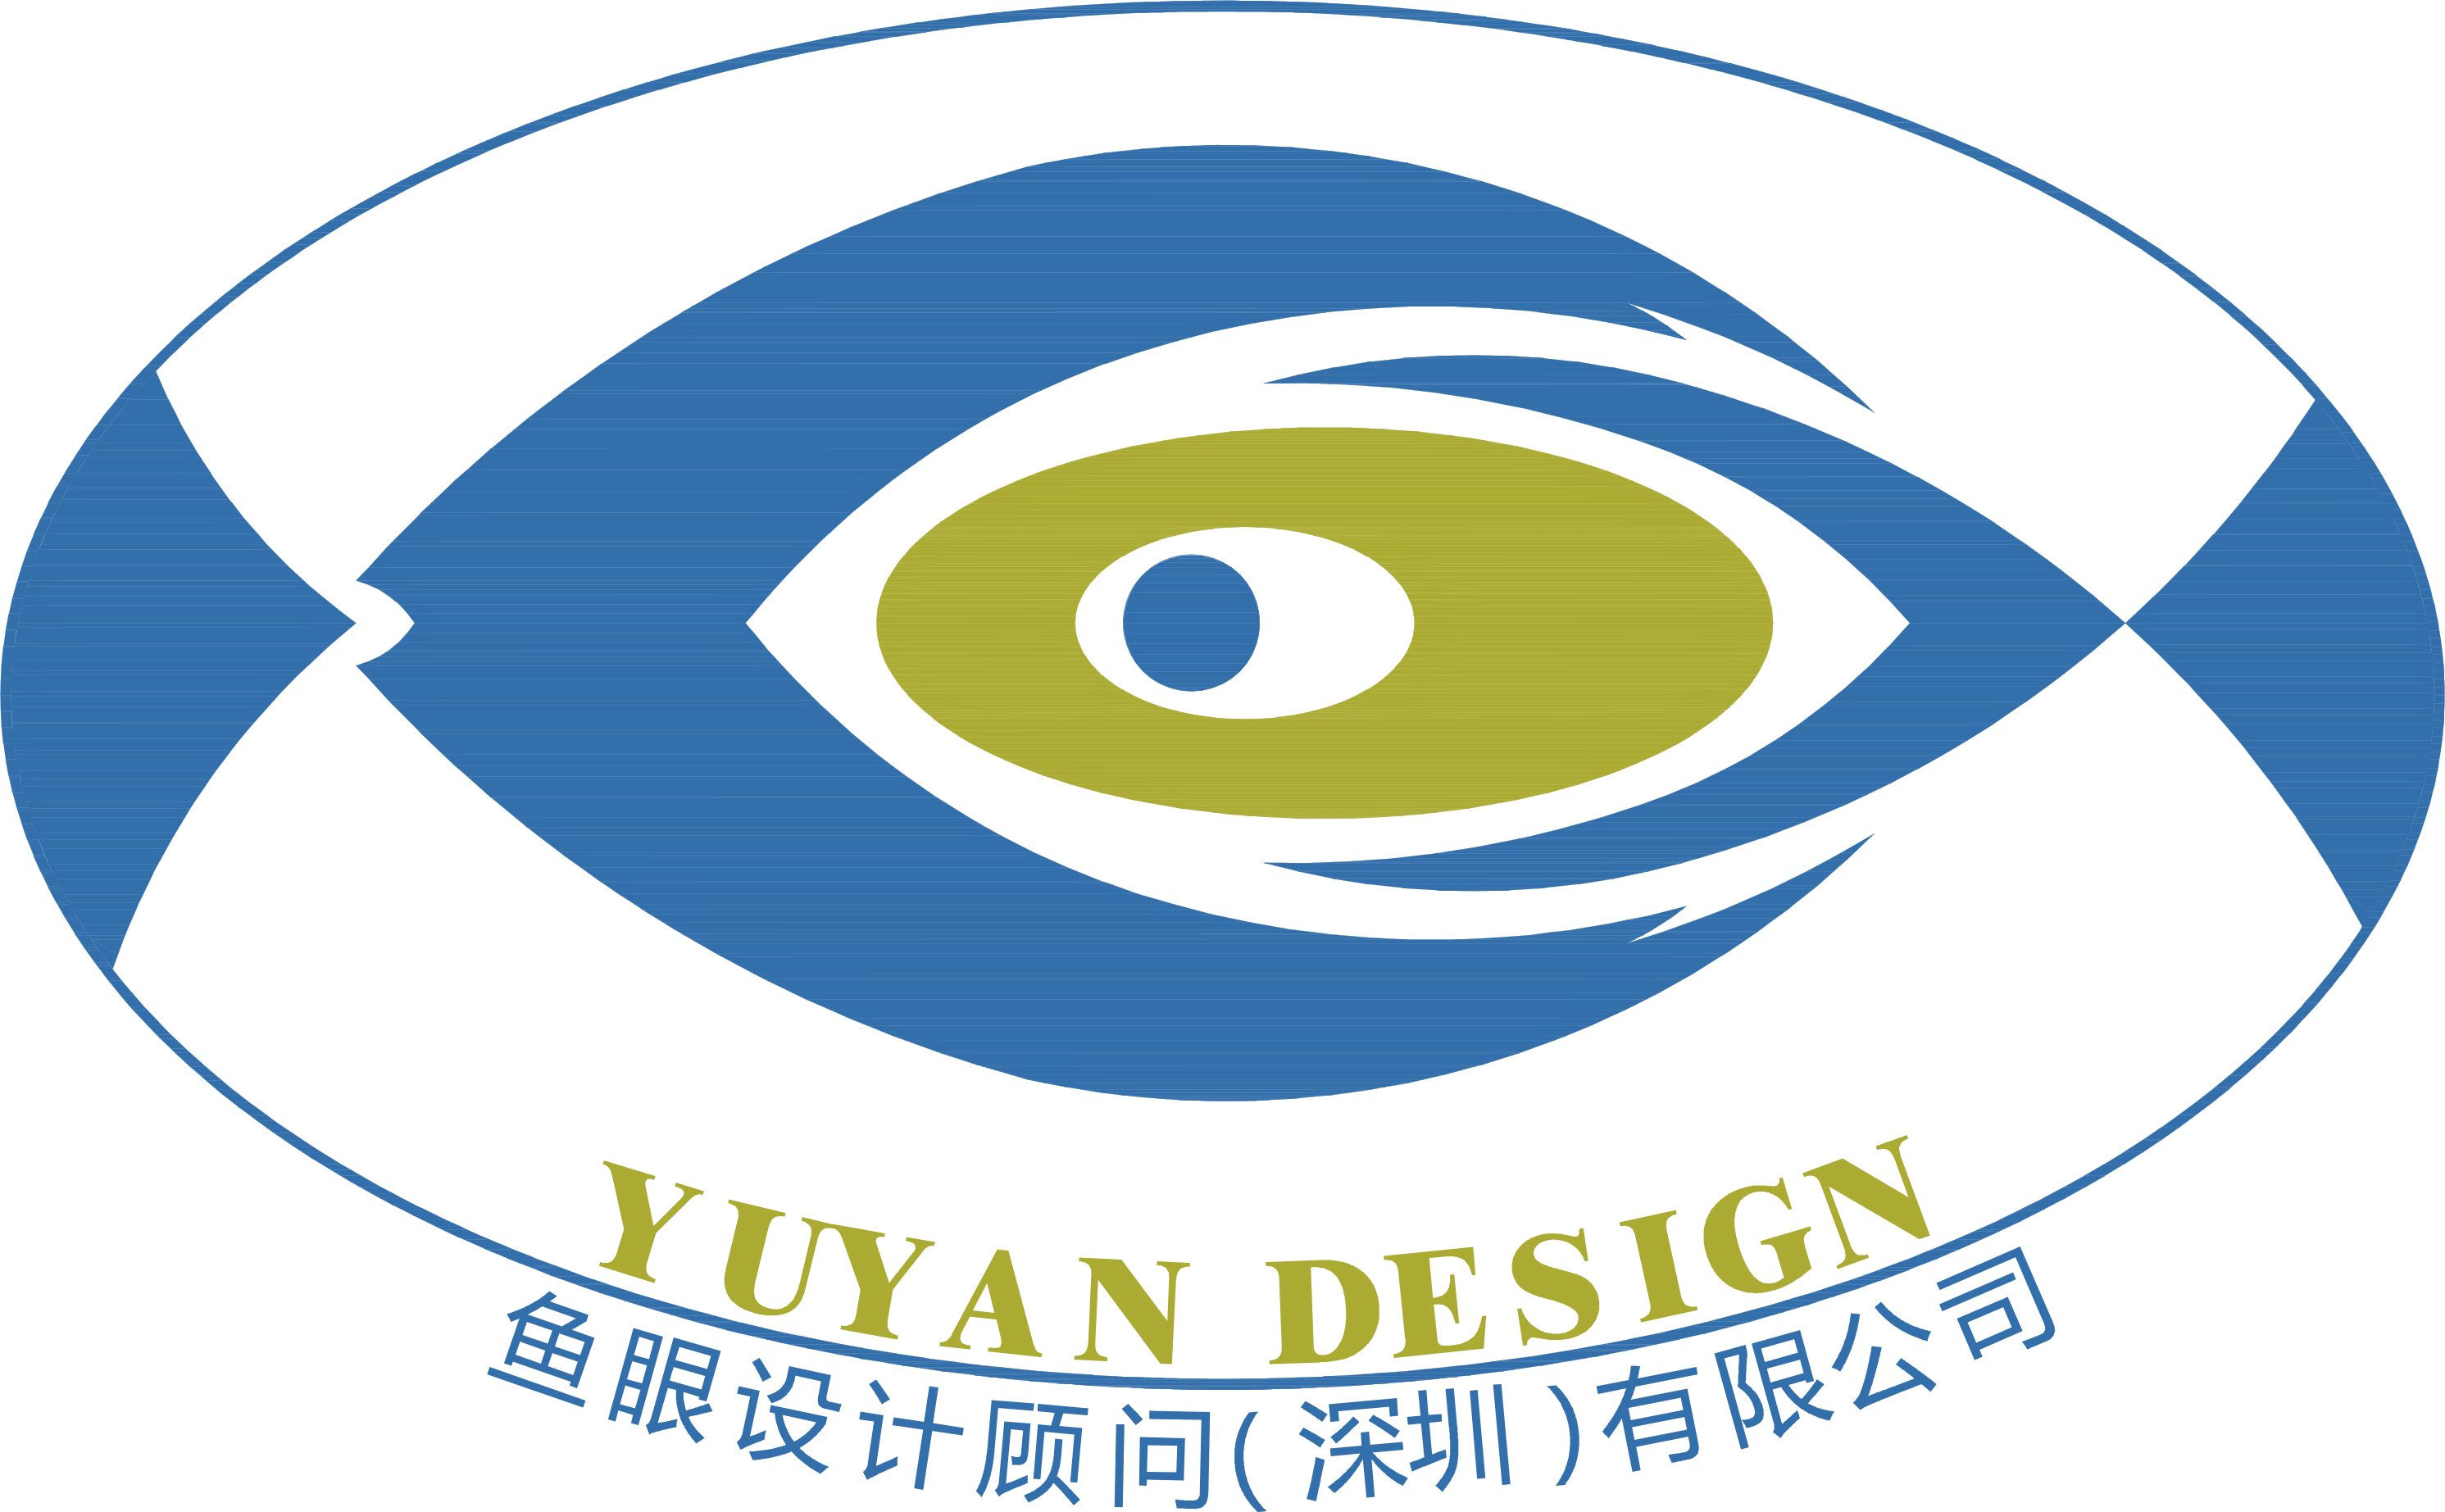 深圳市张锋荣室内装饰设计有限公司